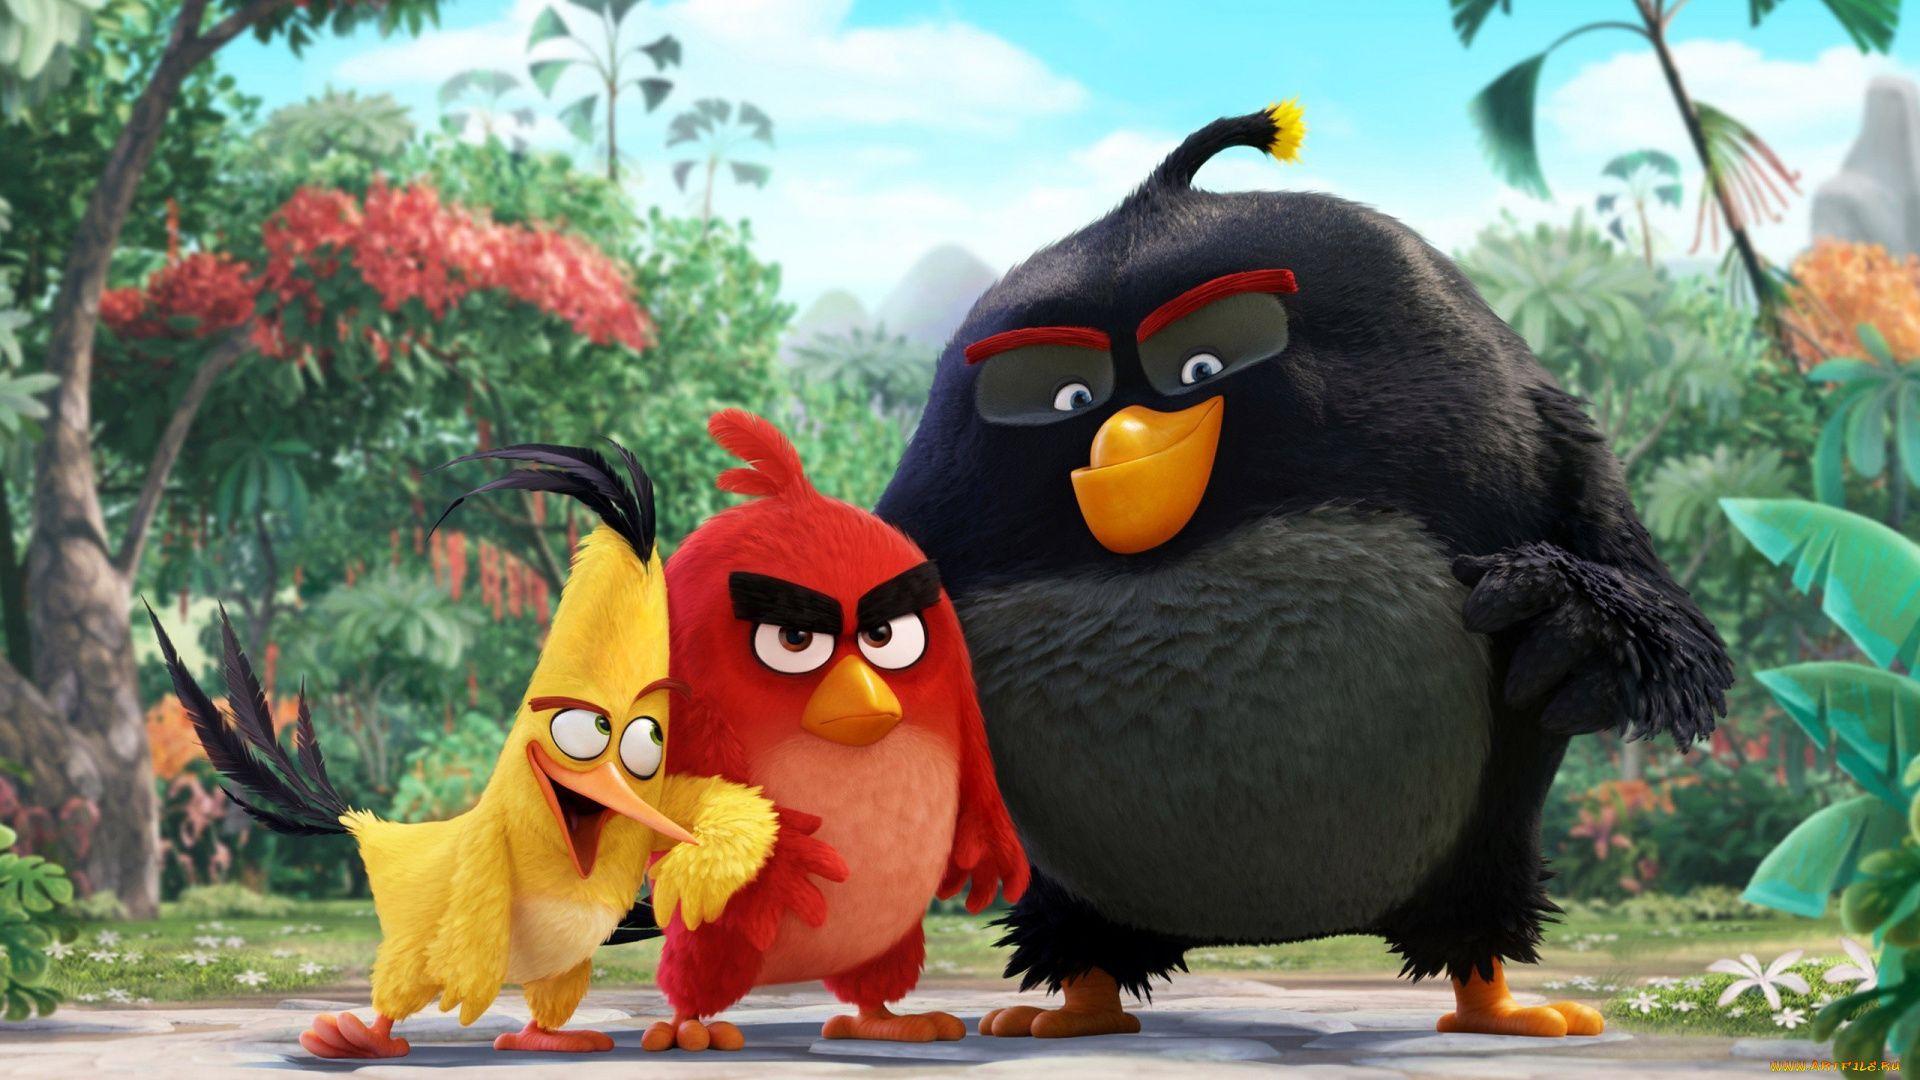 Angry Birds Movie Cartoon 2016